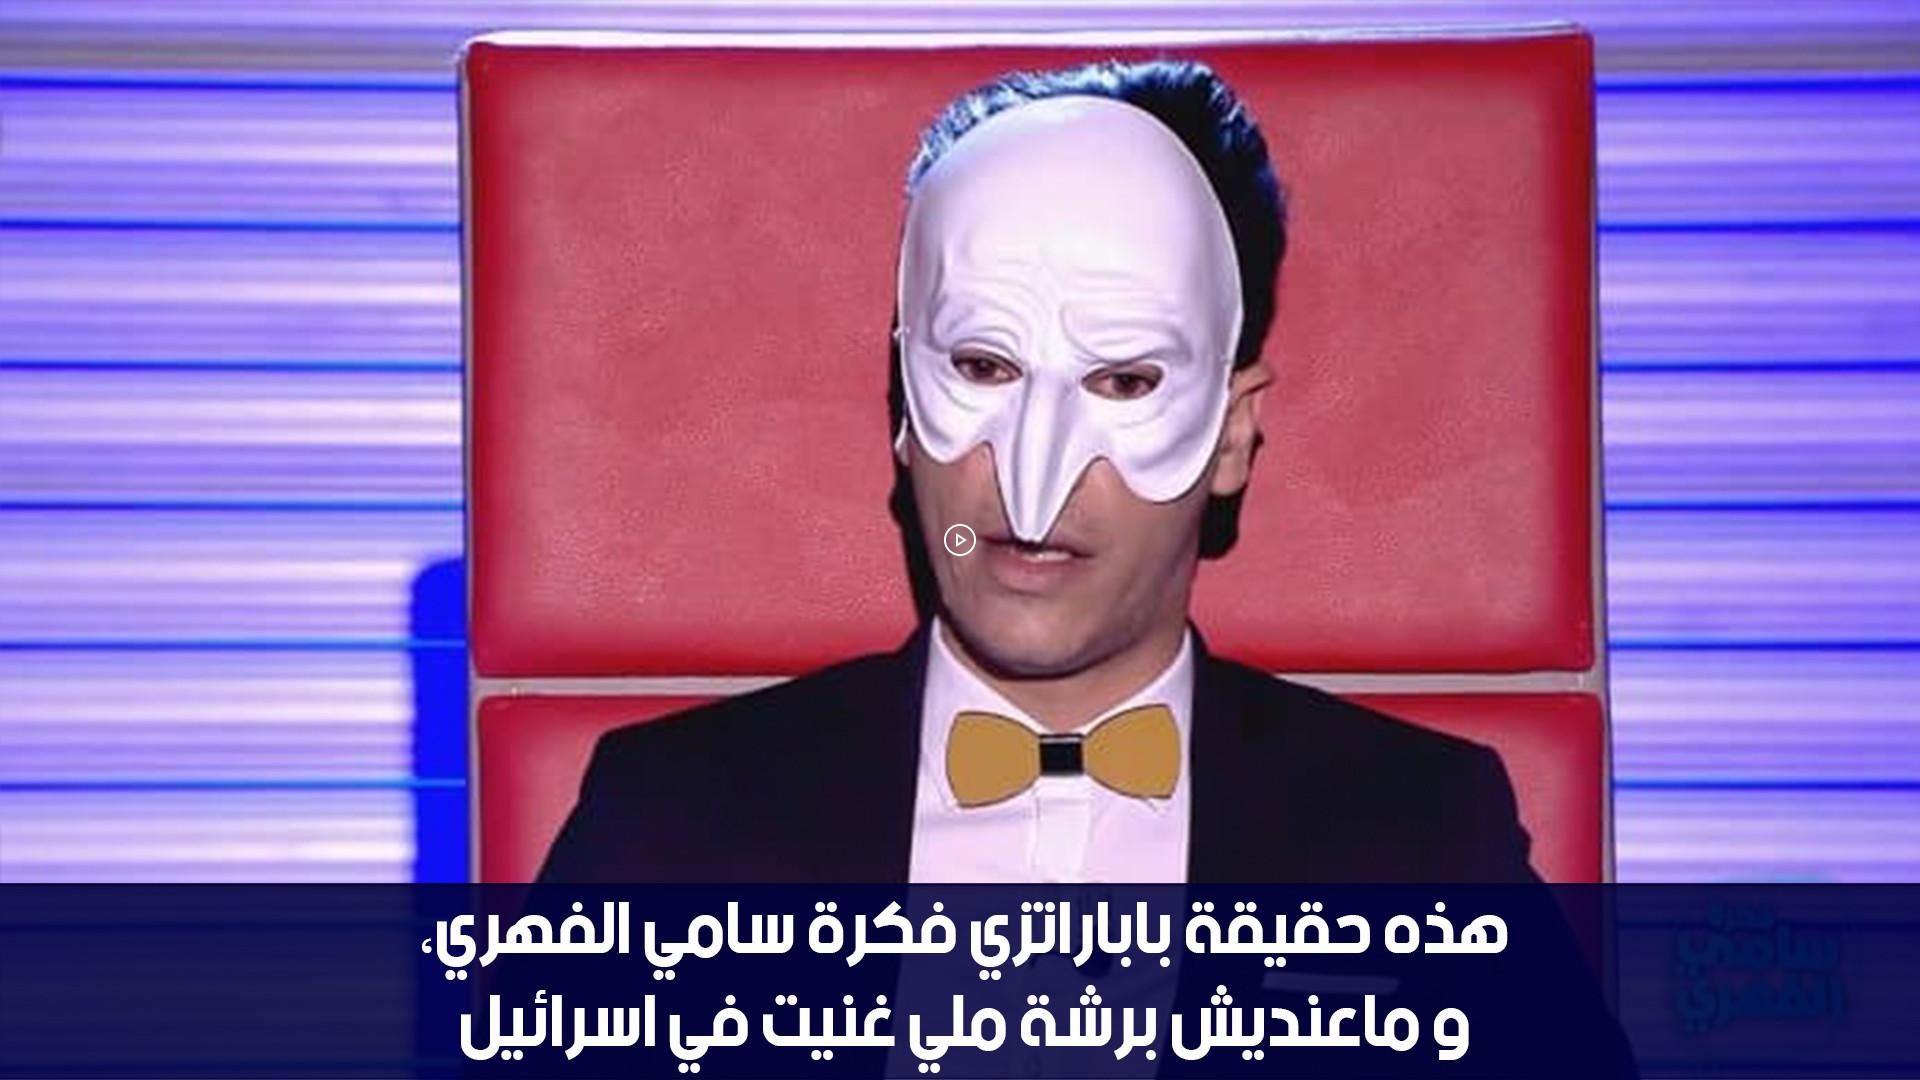 محسن شريف : هذه حقيقة باباراتزي فكرة سامي الفهري، و ماعنديش برشة ملي غنيت في اسرائيل